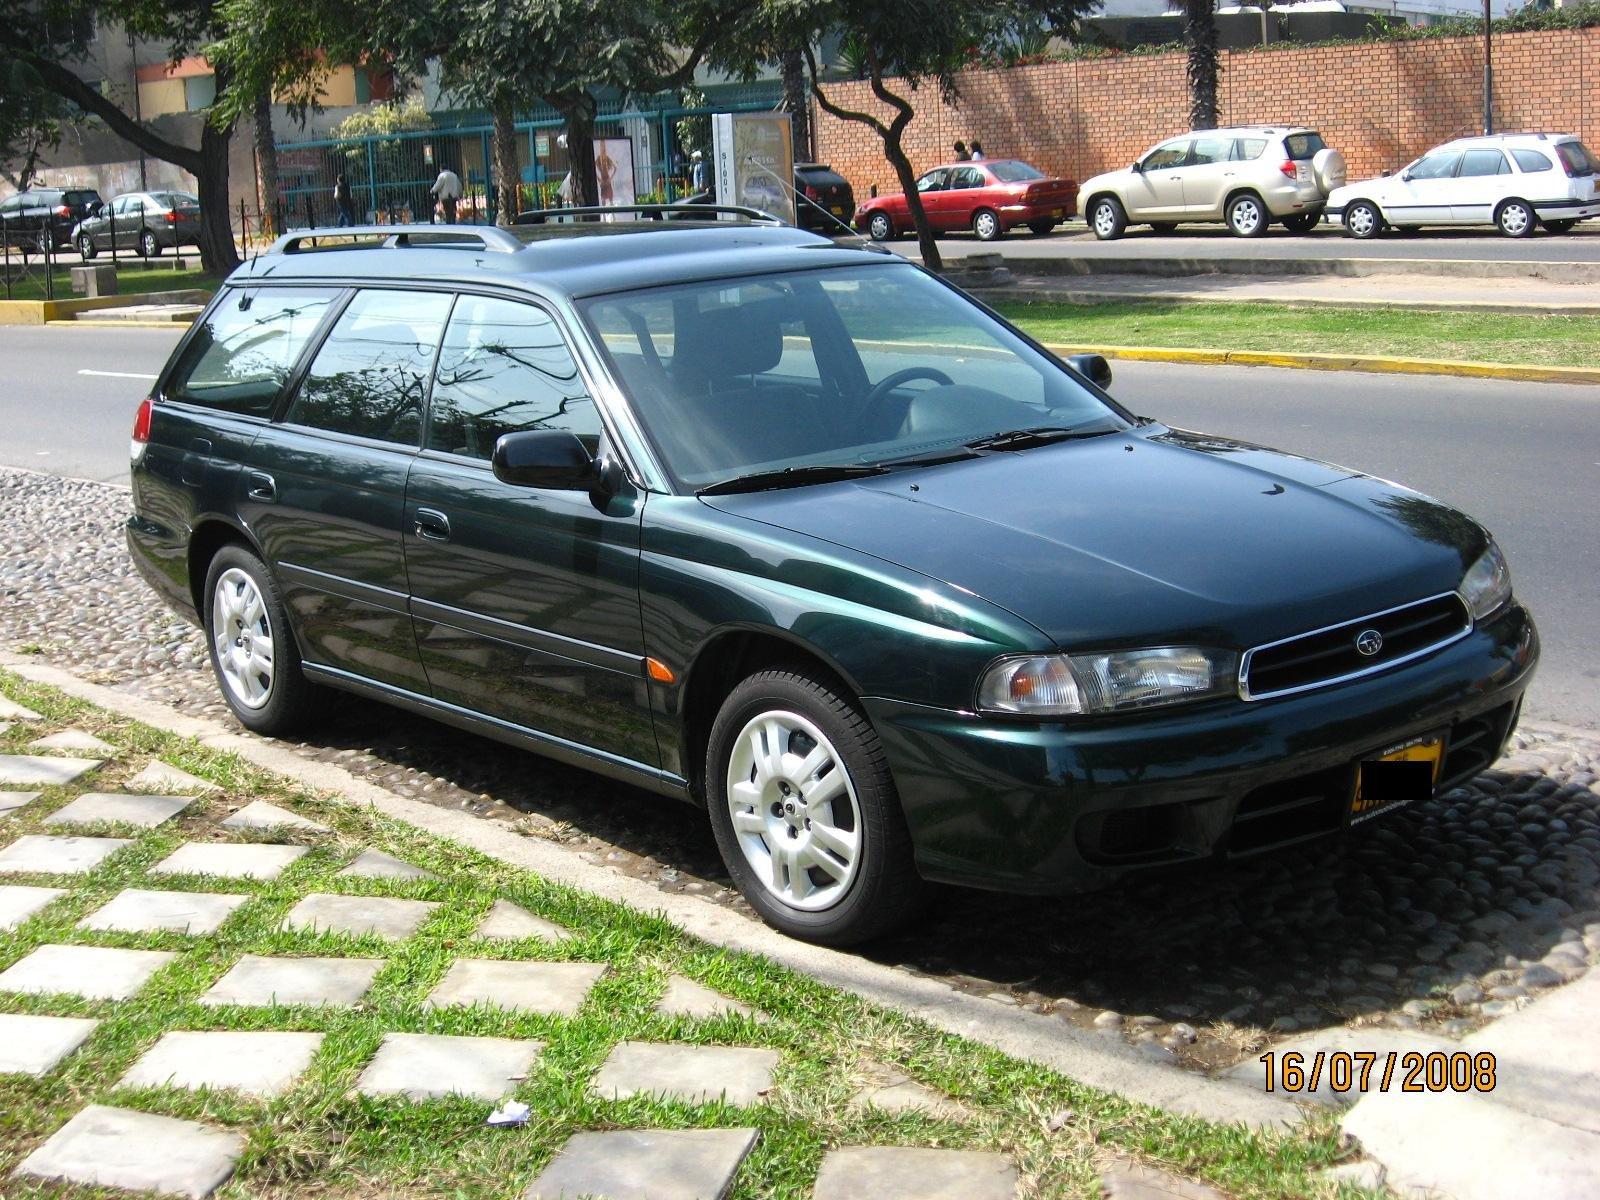 1998 Subaru Legacy Outback >> 1998 Subaru Legacy Outback Service Repair Manual Download